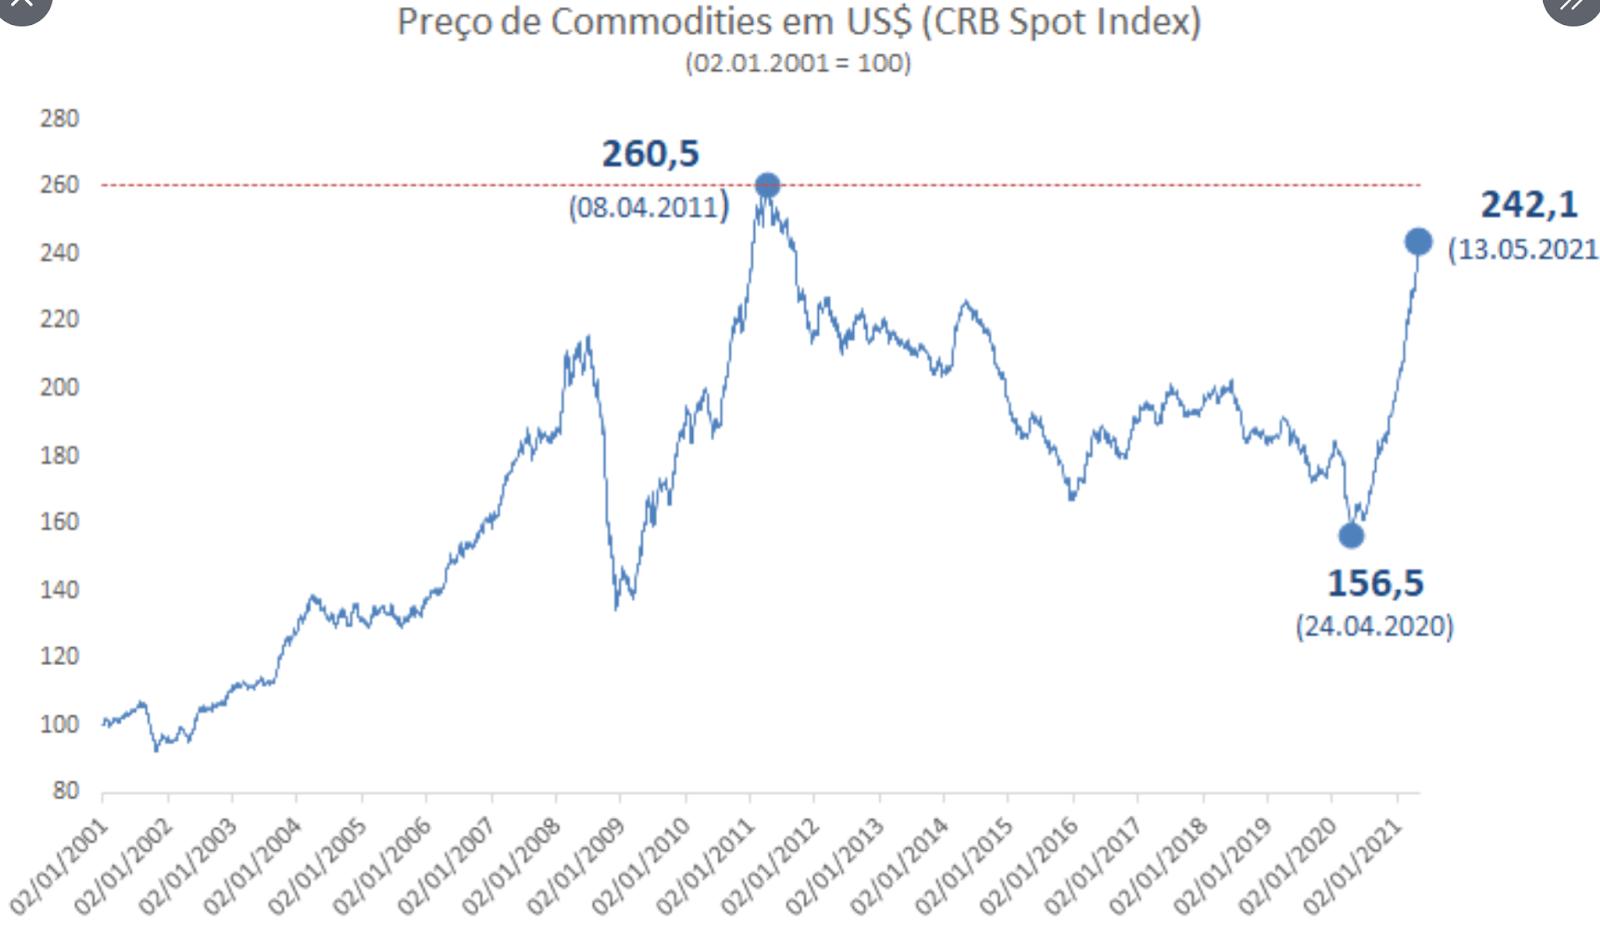 Gráfico apresenta preço de commodities em US$ (CRB Spot Index).